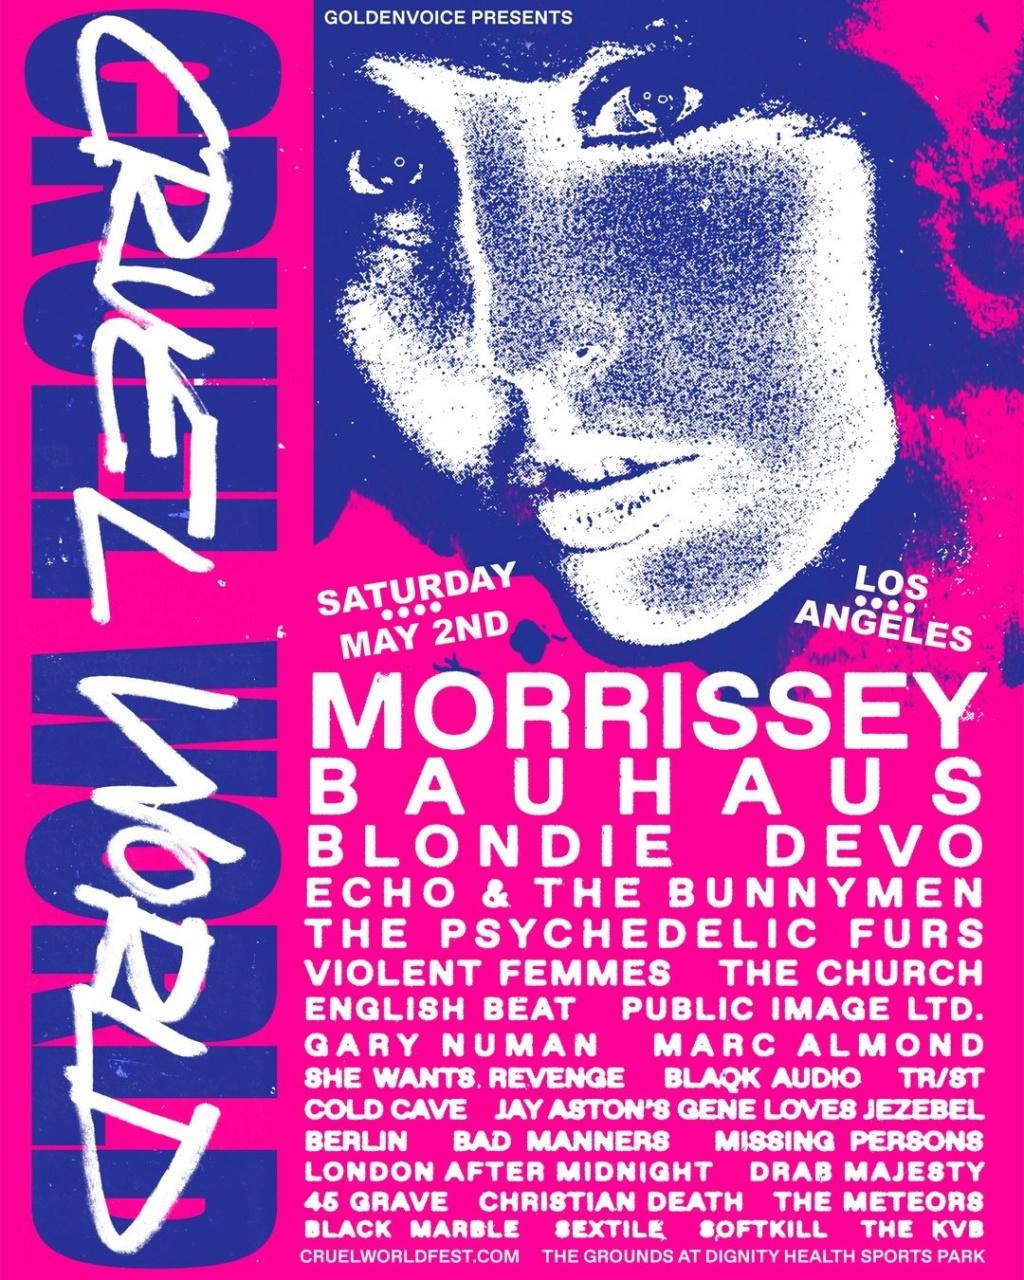 BBK LIVE 2020: 9-10-11 julio: Placebo nuevos confirmados! Kendrick Lamar, The Killers, Bad Bunny, Pet Shop Boys, Placebo, FKA Twigs y muchos más! - Página 19 39ddd010